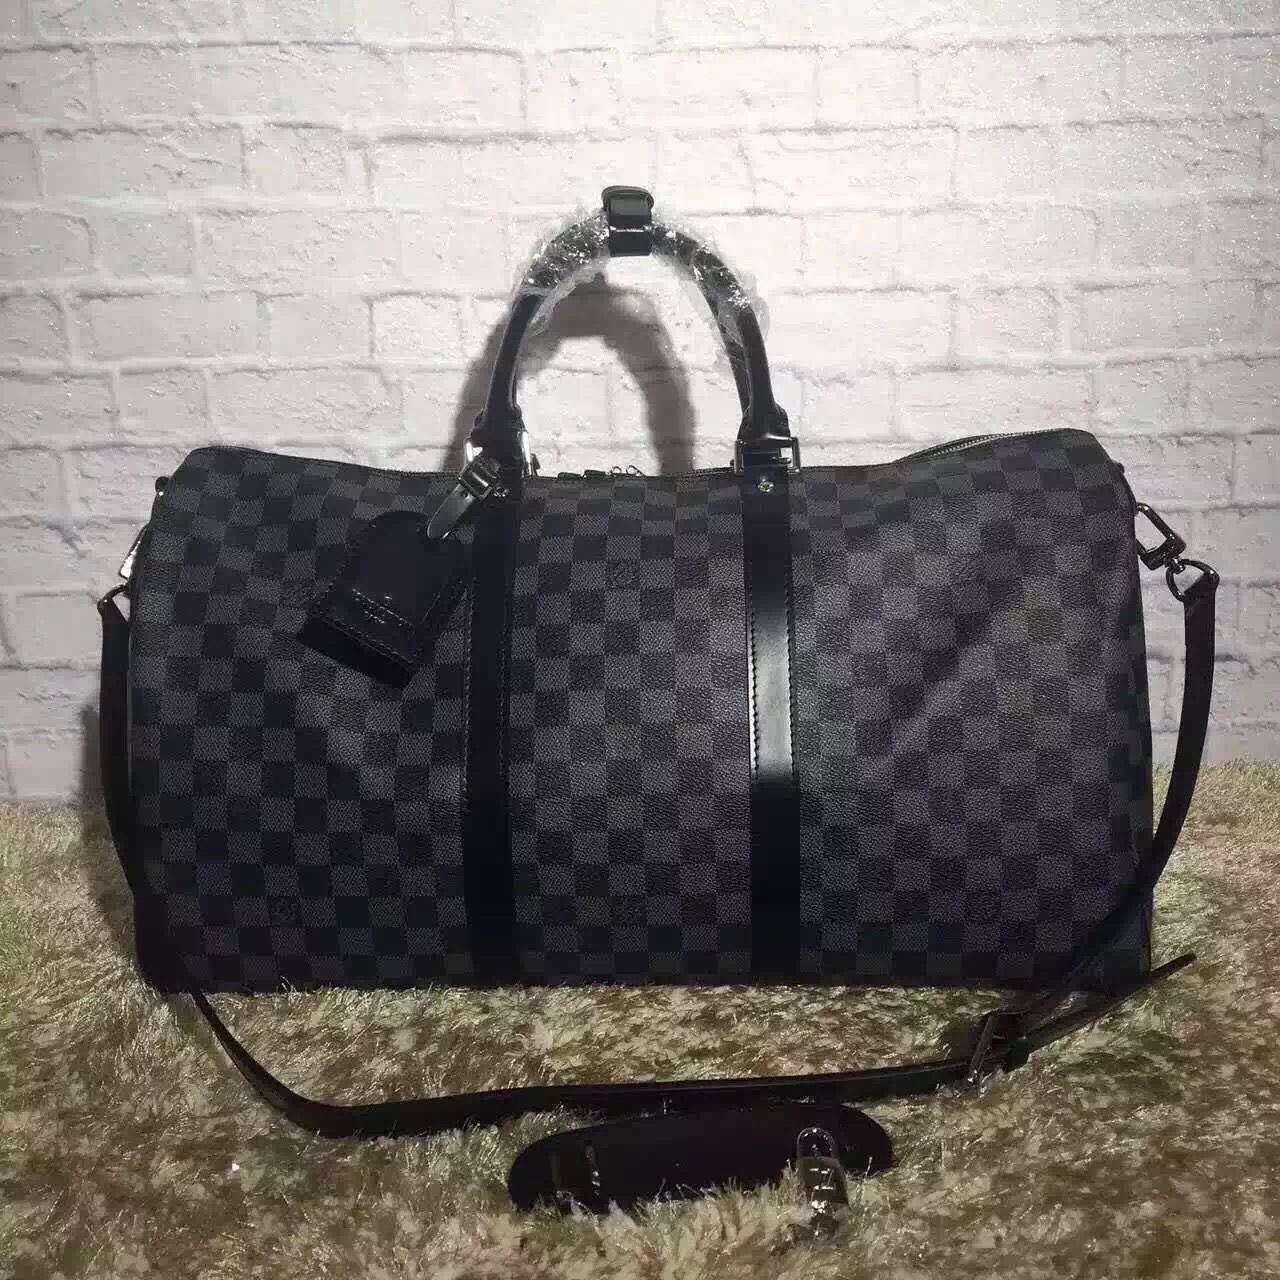 d263c5263b Louis Vuitton Damier Graphite Canvas Keepall 50 Bandouliere Bag ...